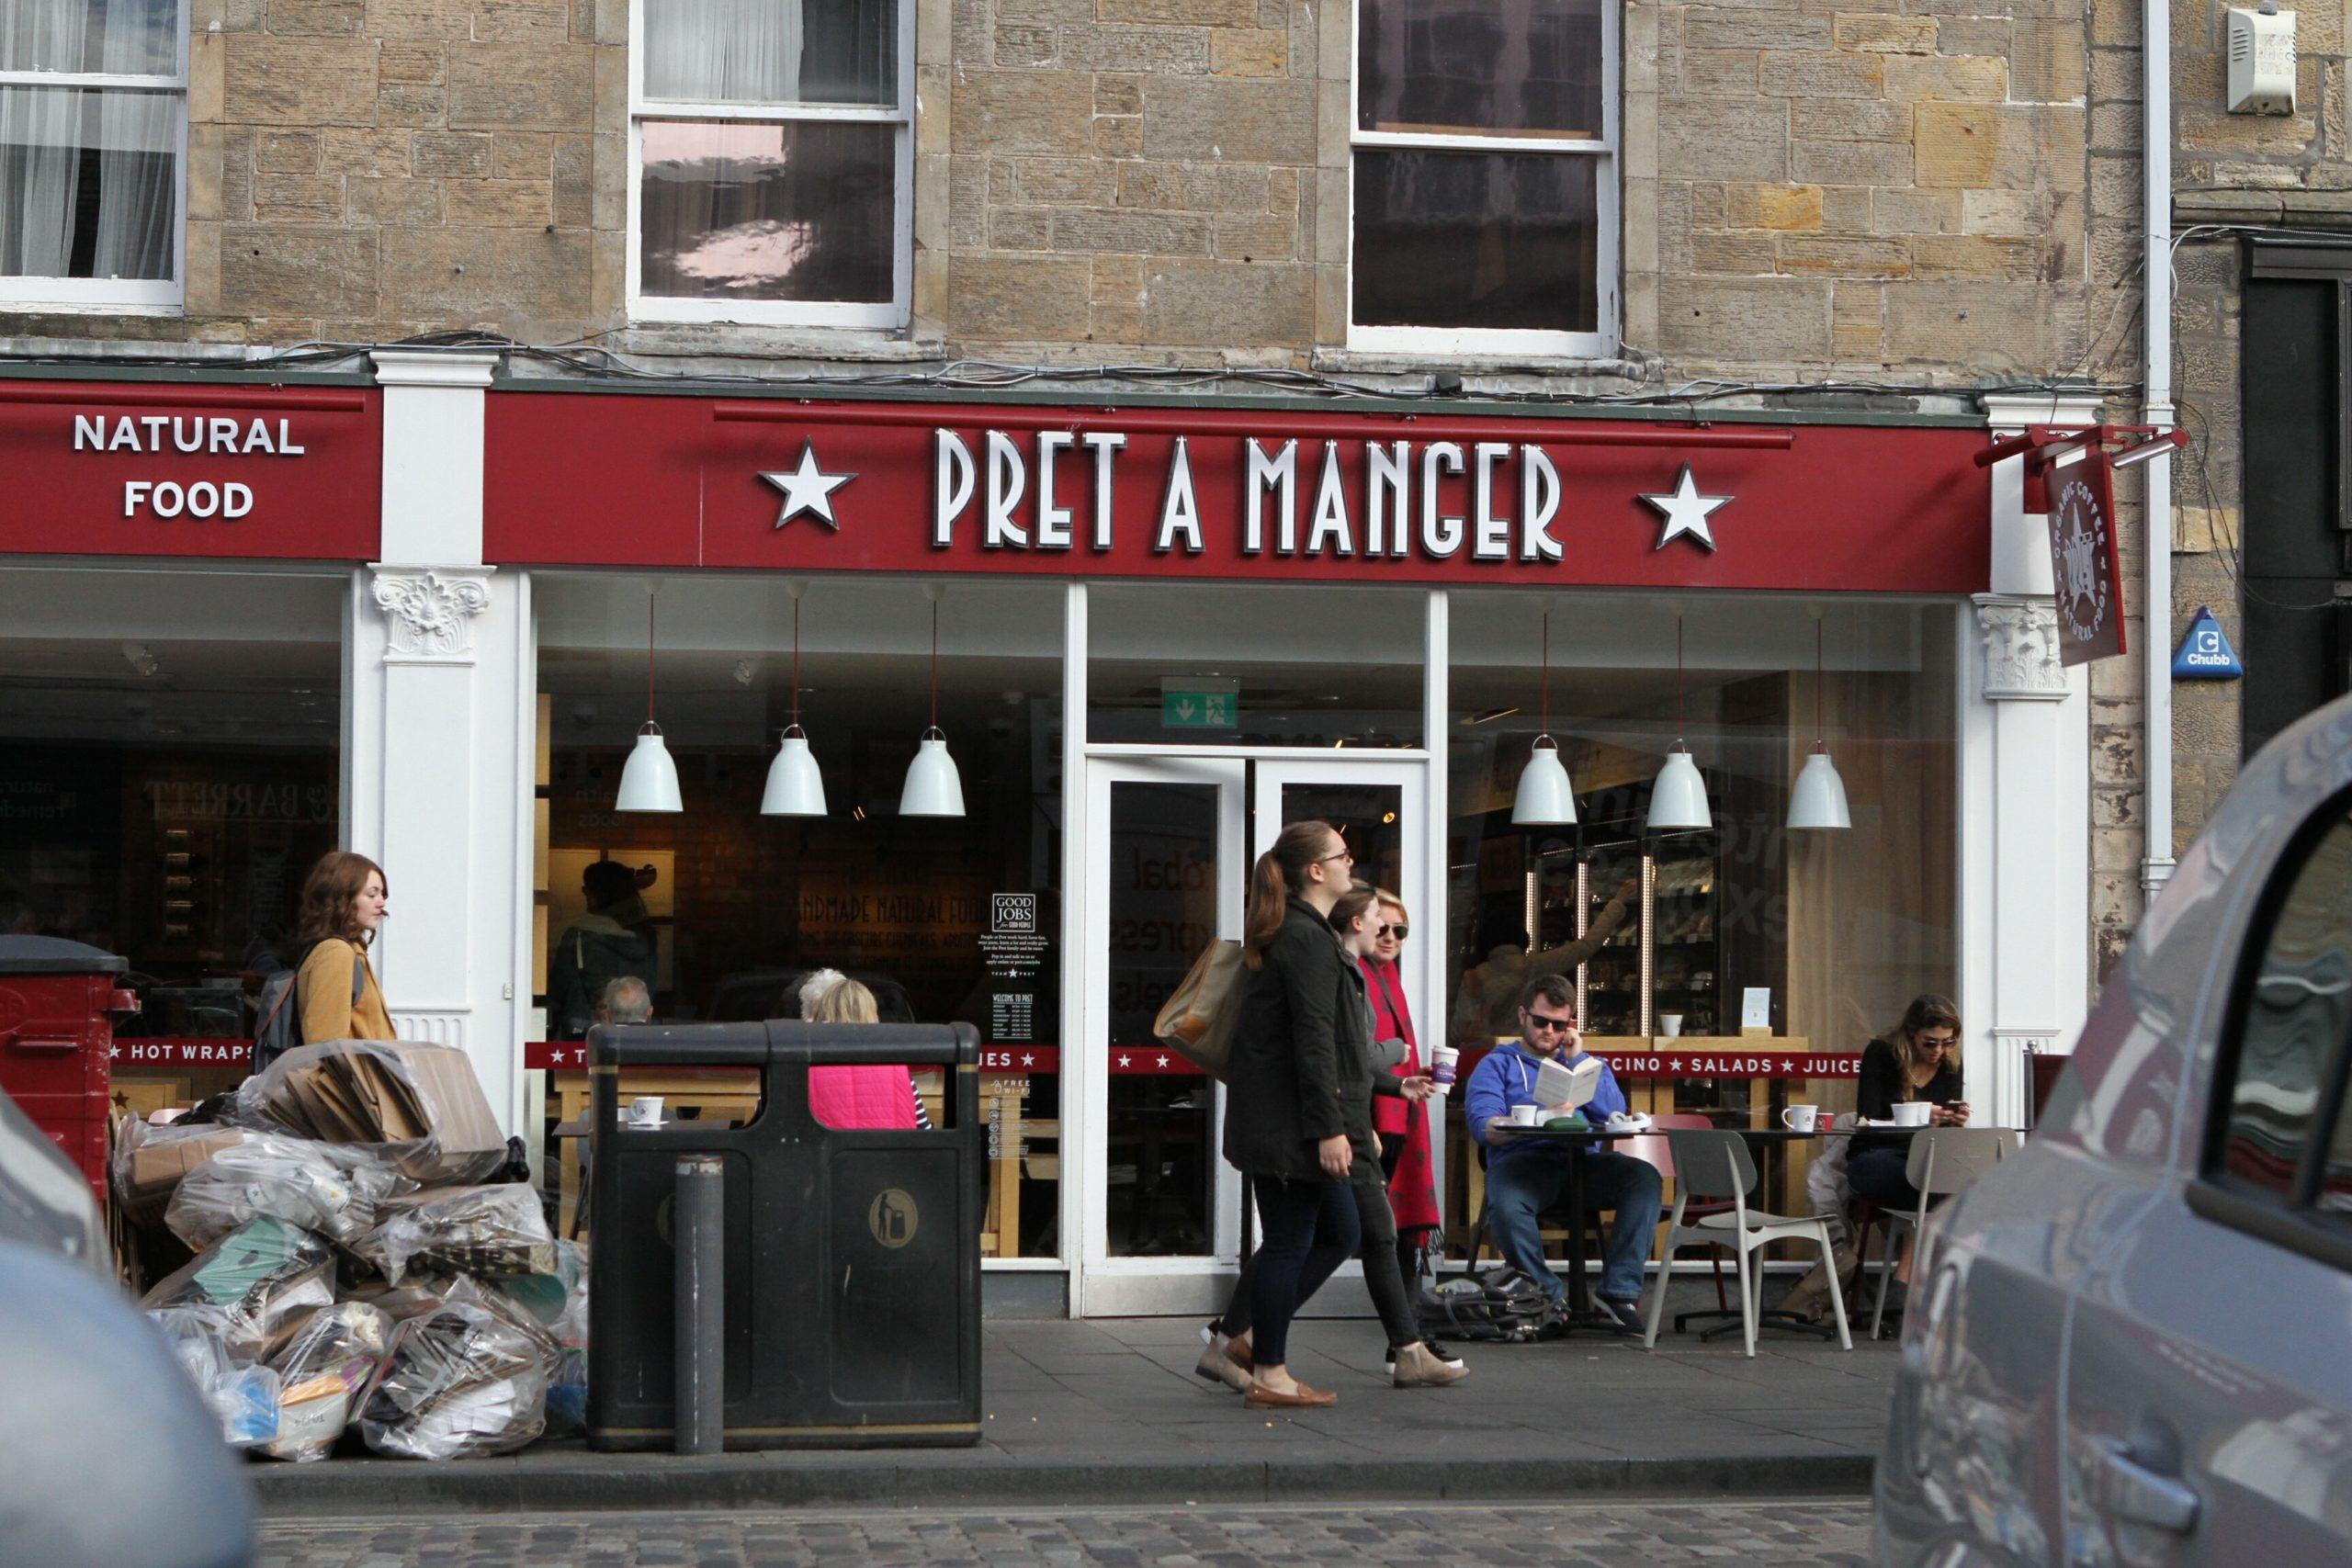 Pret A Manger in St Andrews.